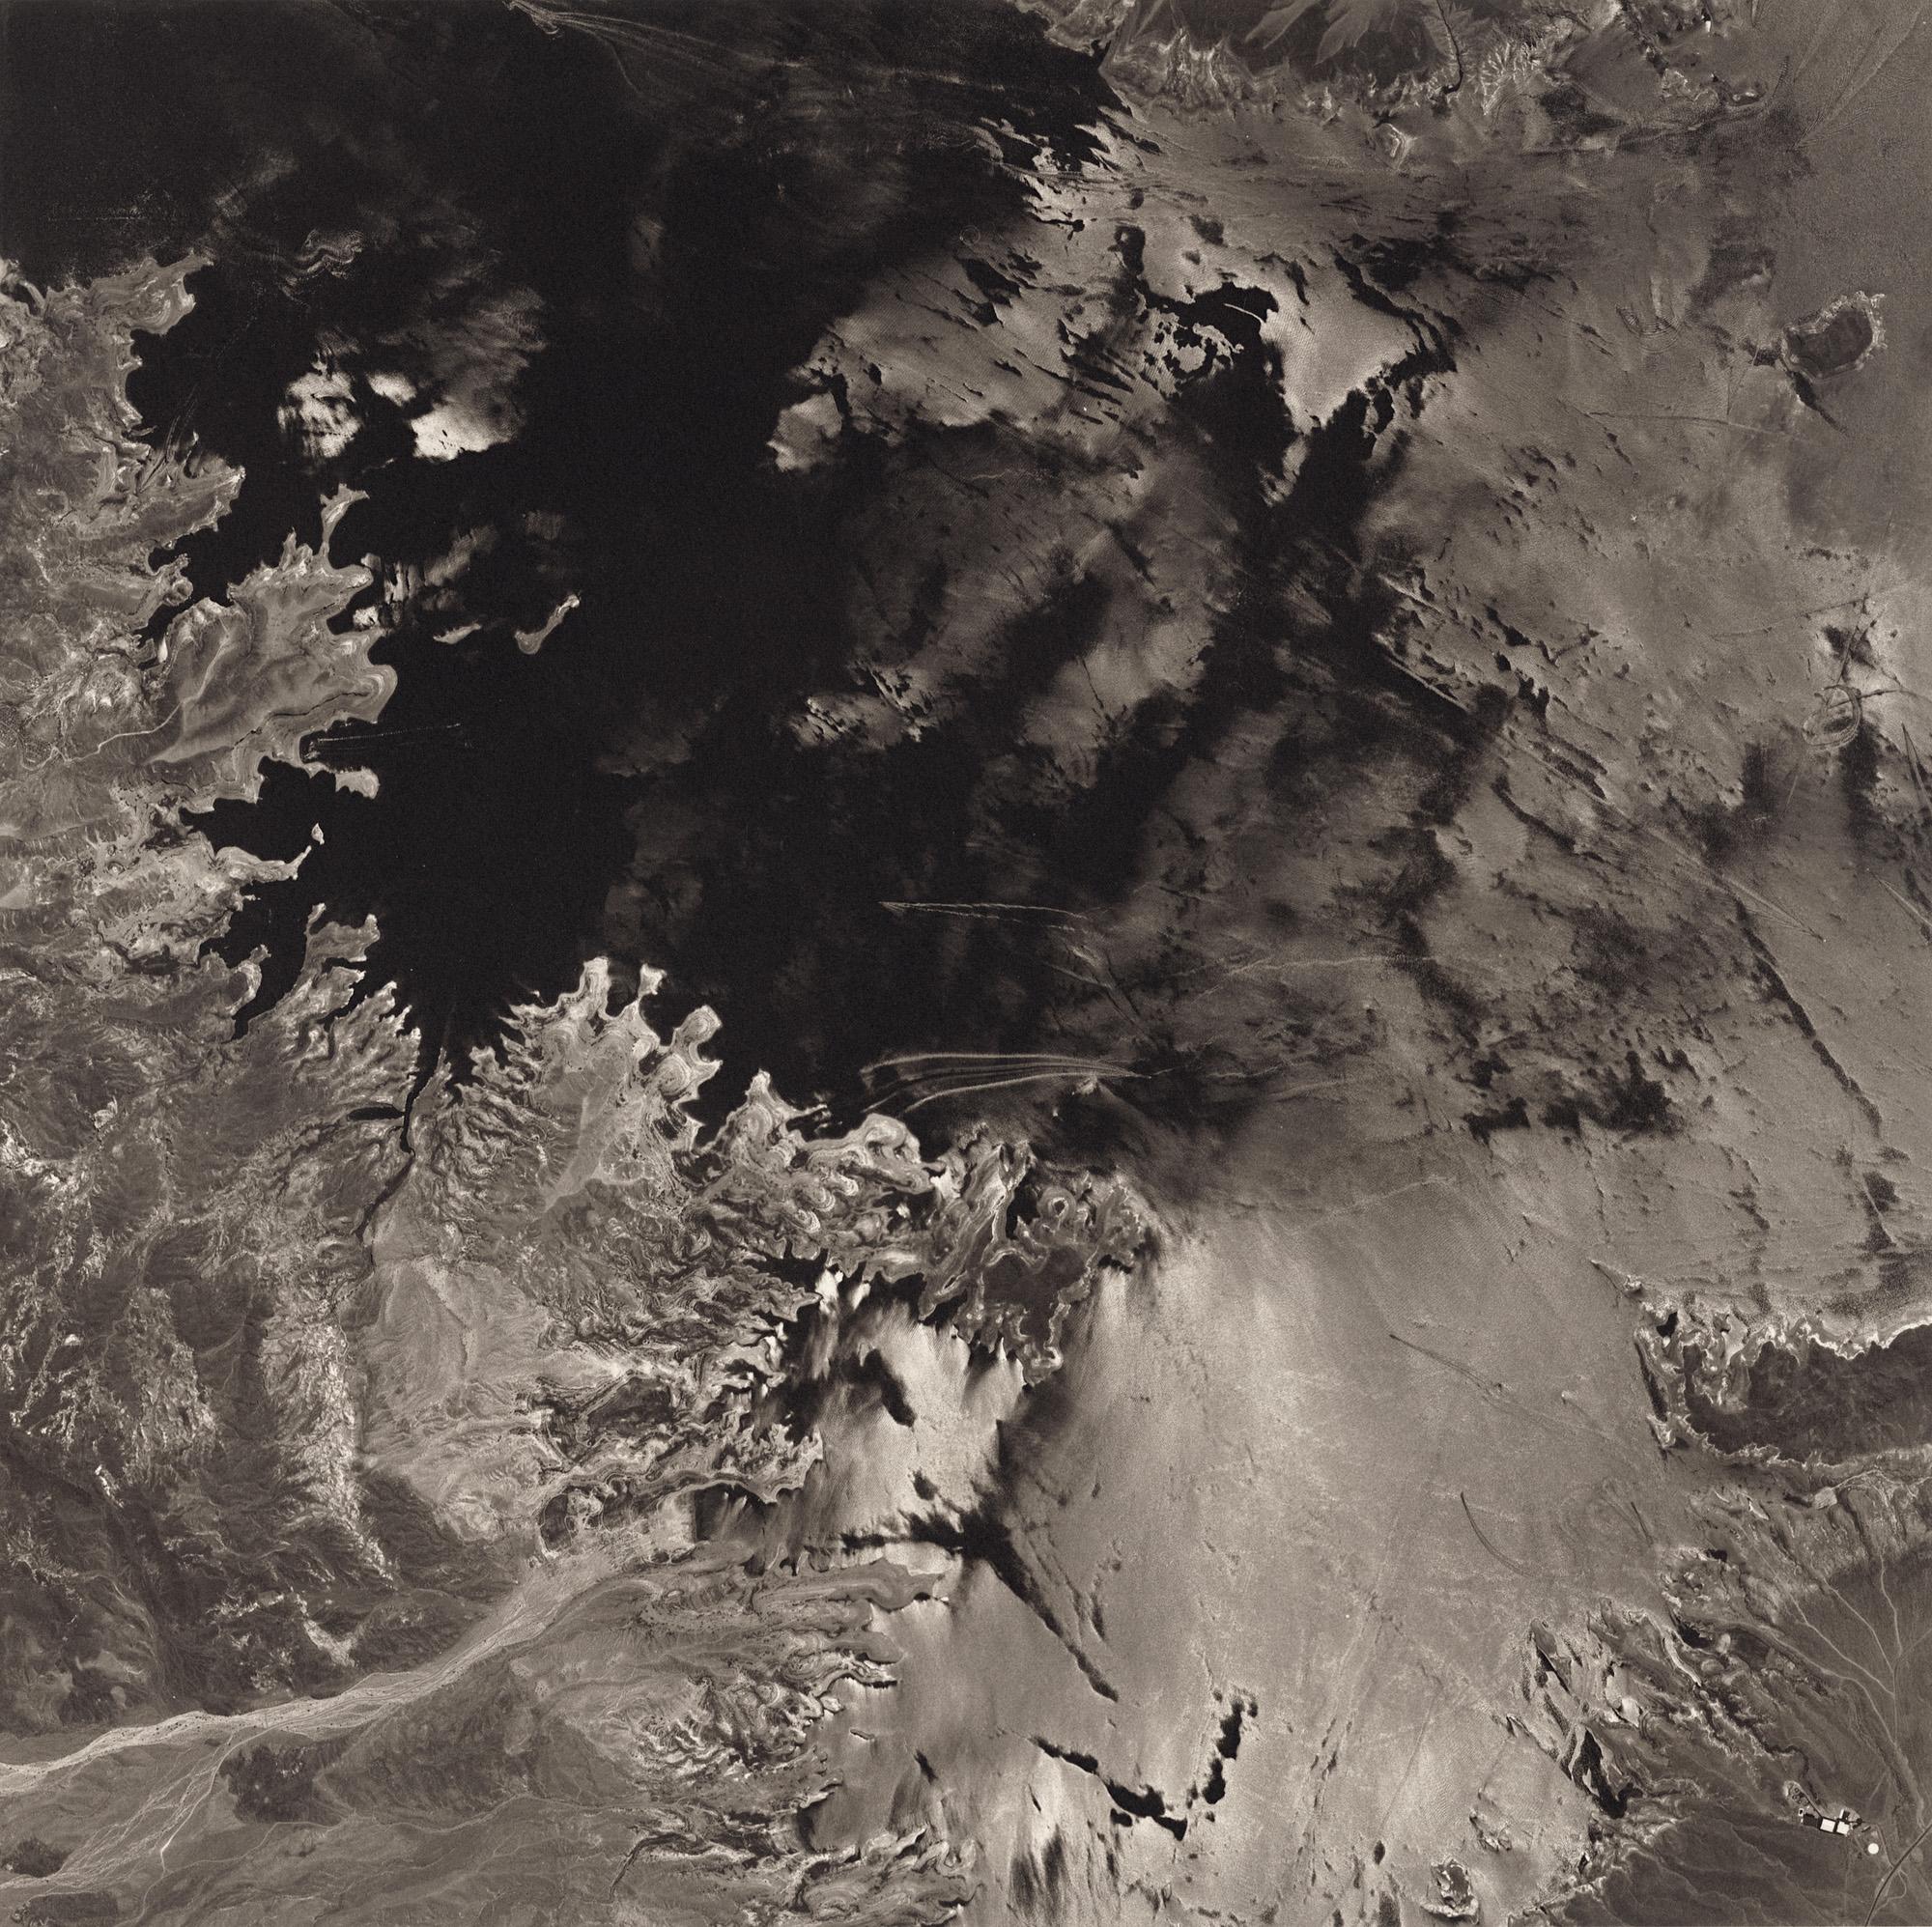 Lake Mead, Nevada, 2008